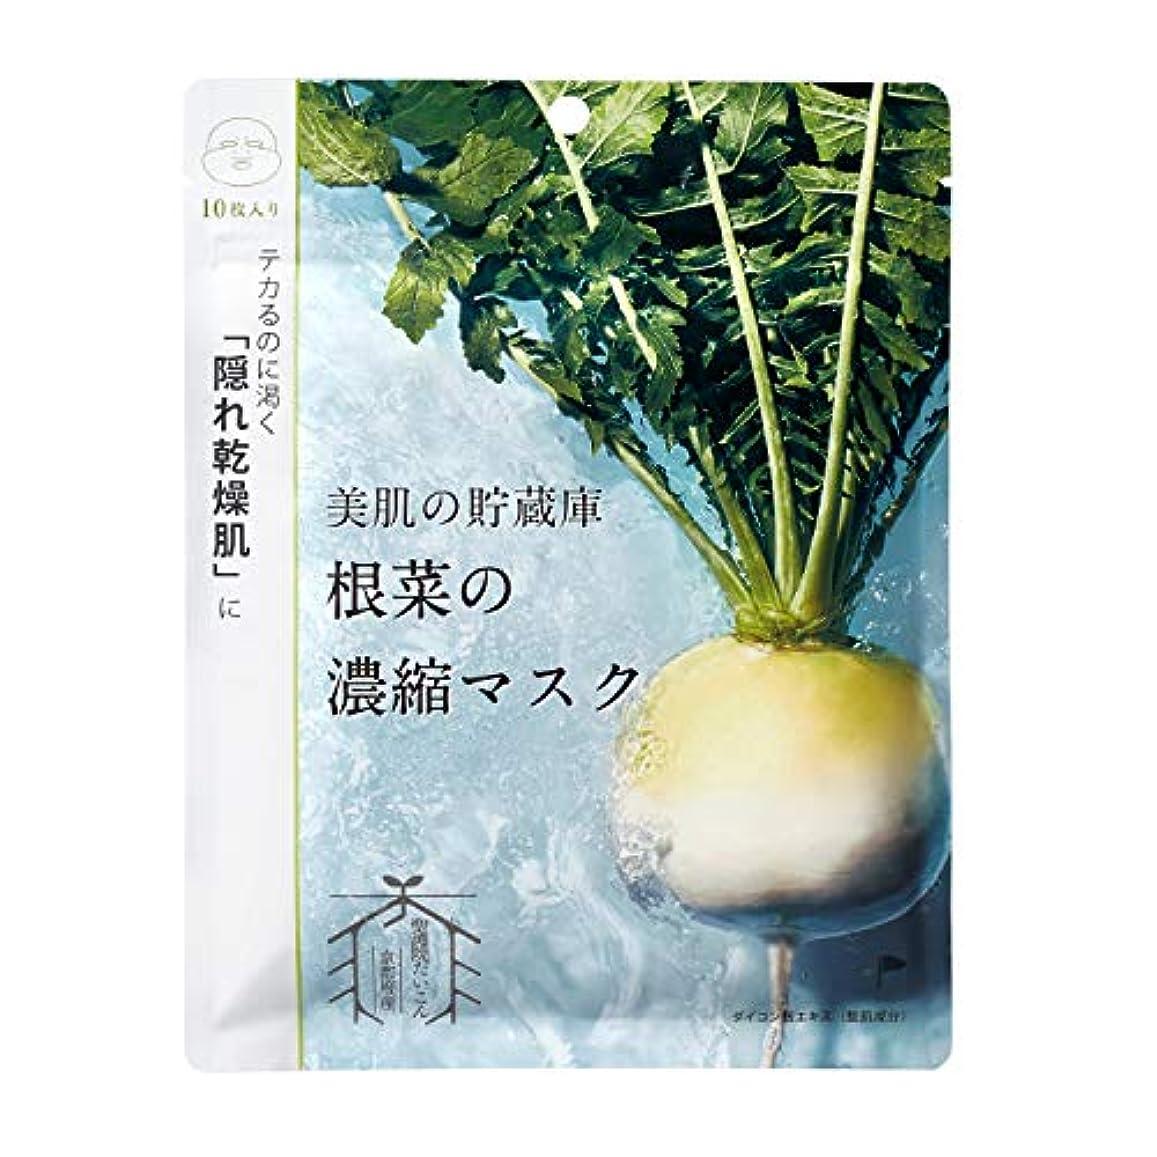 普及豪華な量@cosme nippon 美肌の貯蔵庫 根菜の濃縮マスク 聖護院だいこん 10枚入 148ml